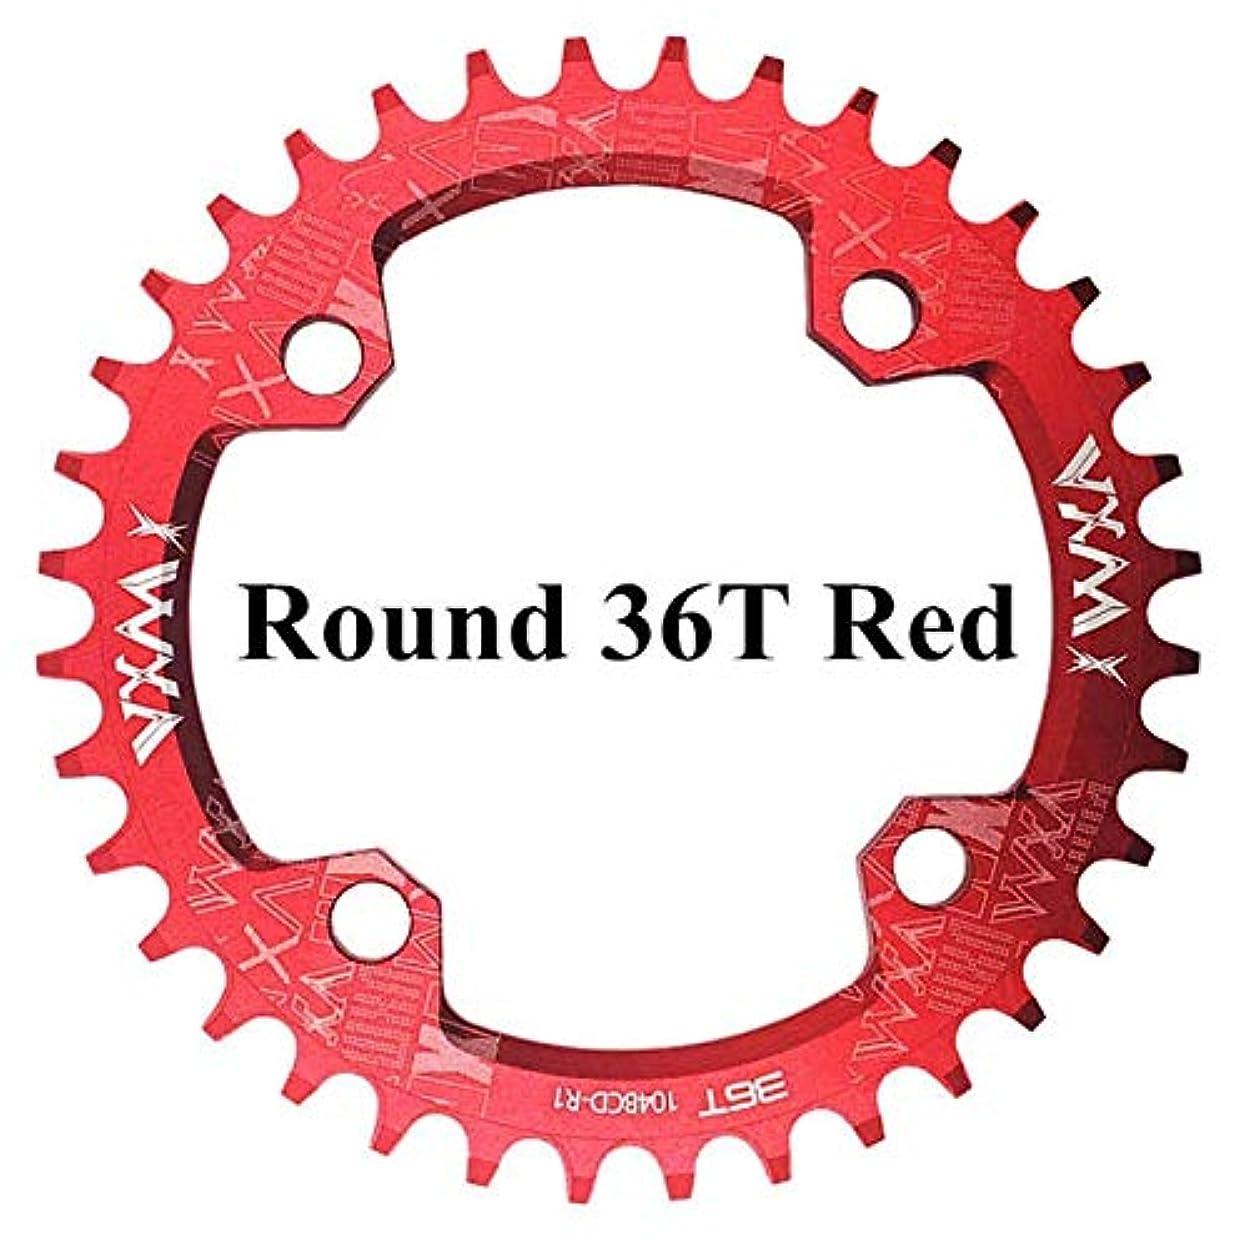 インペリアル確認してください見せますPropenary - 自転車104BCDクランクオーバルラウンド30T 32T 34T 36T 38T 40T 42T 44T 46T 48T 50T 52TチェーンホイールXT狭い広い自転車チェーンリング[ラウンド36Tレッド]